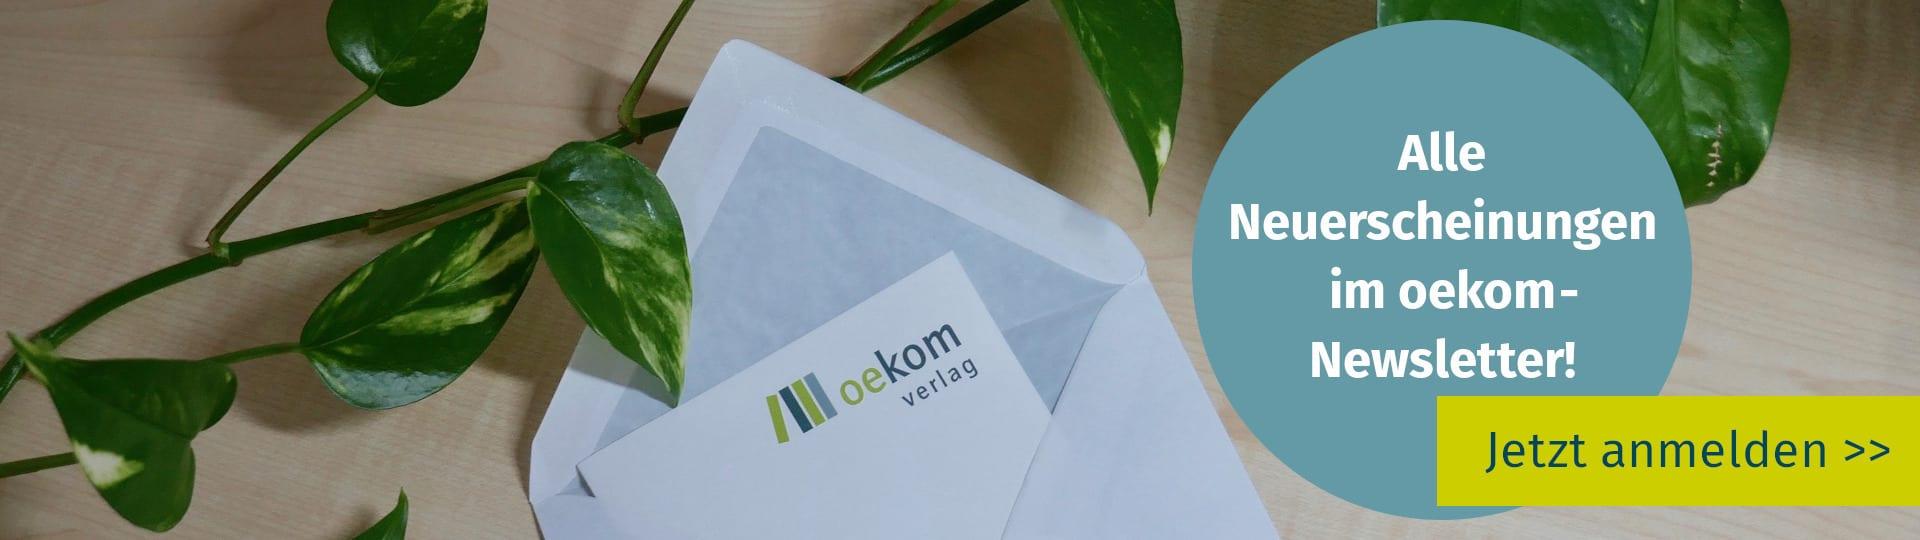 Hier gelangen Sie zur Anmeldung für den oekom-Newsletter